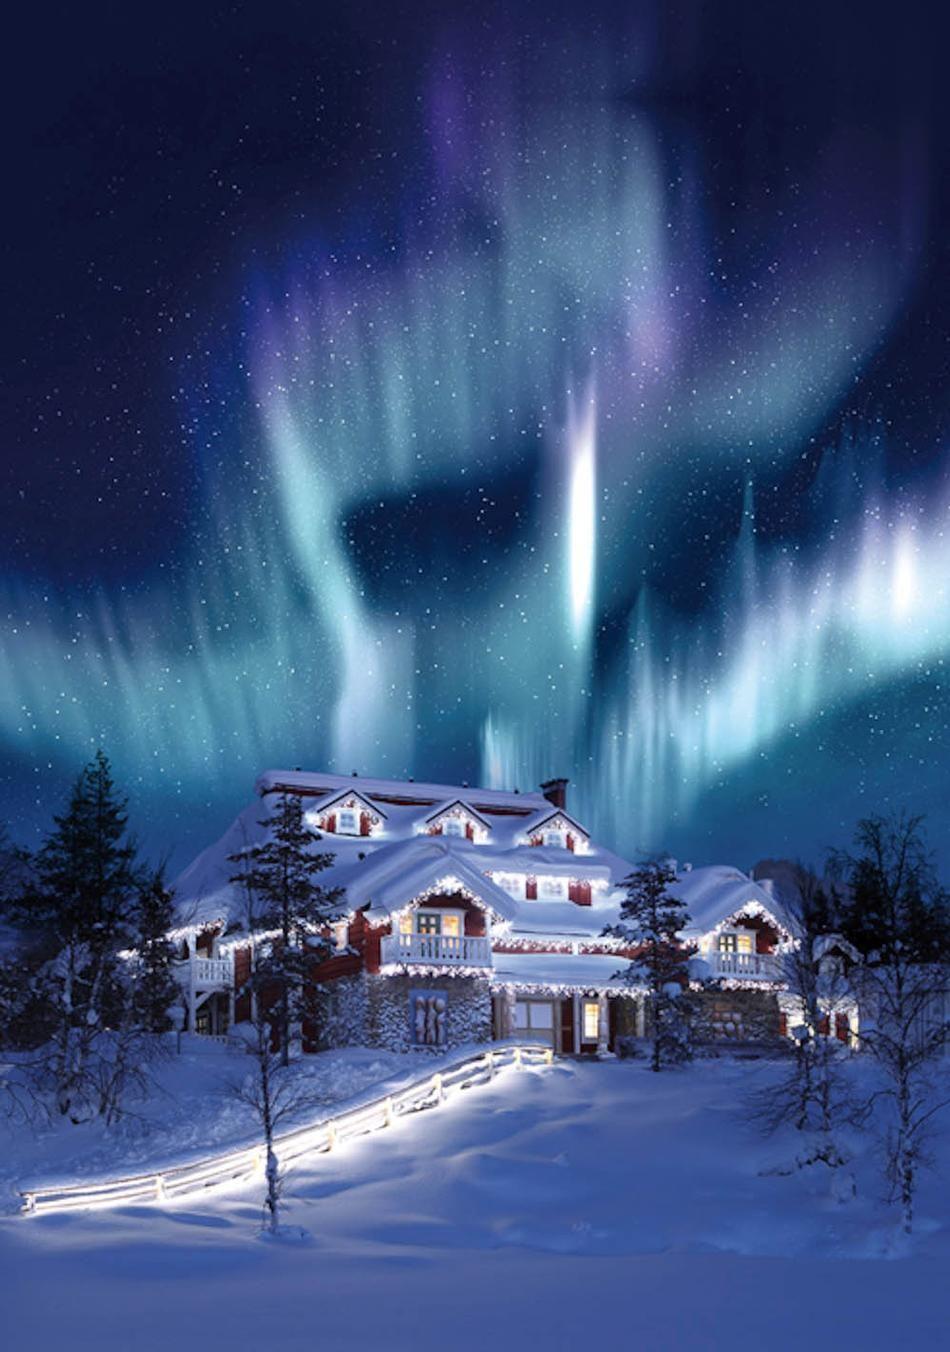 Northern Lights Hotel Kakslauttanen In Finland